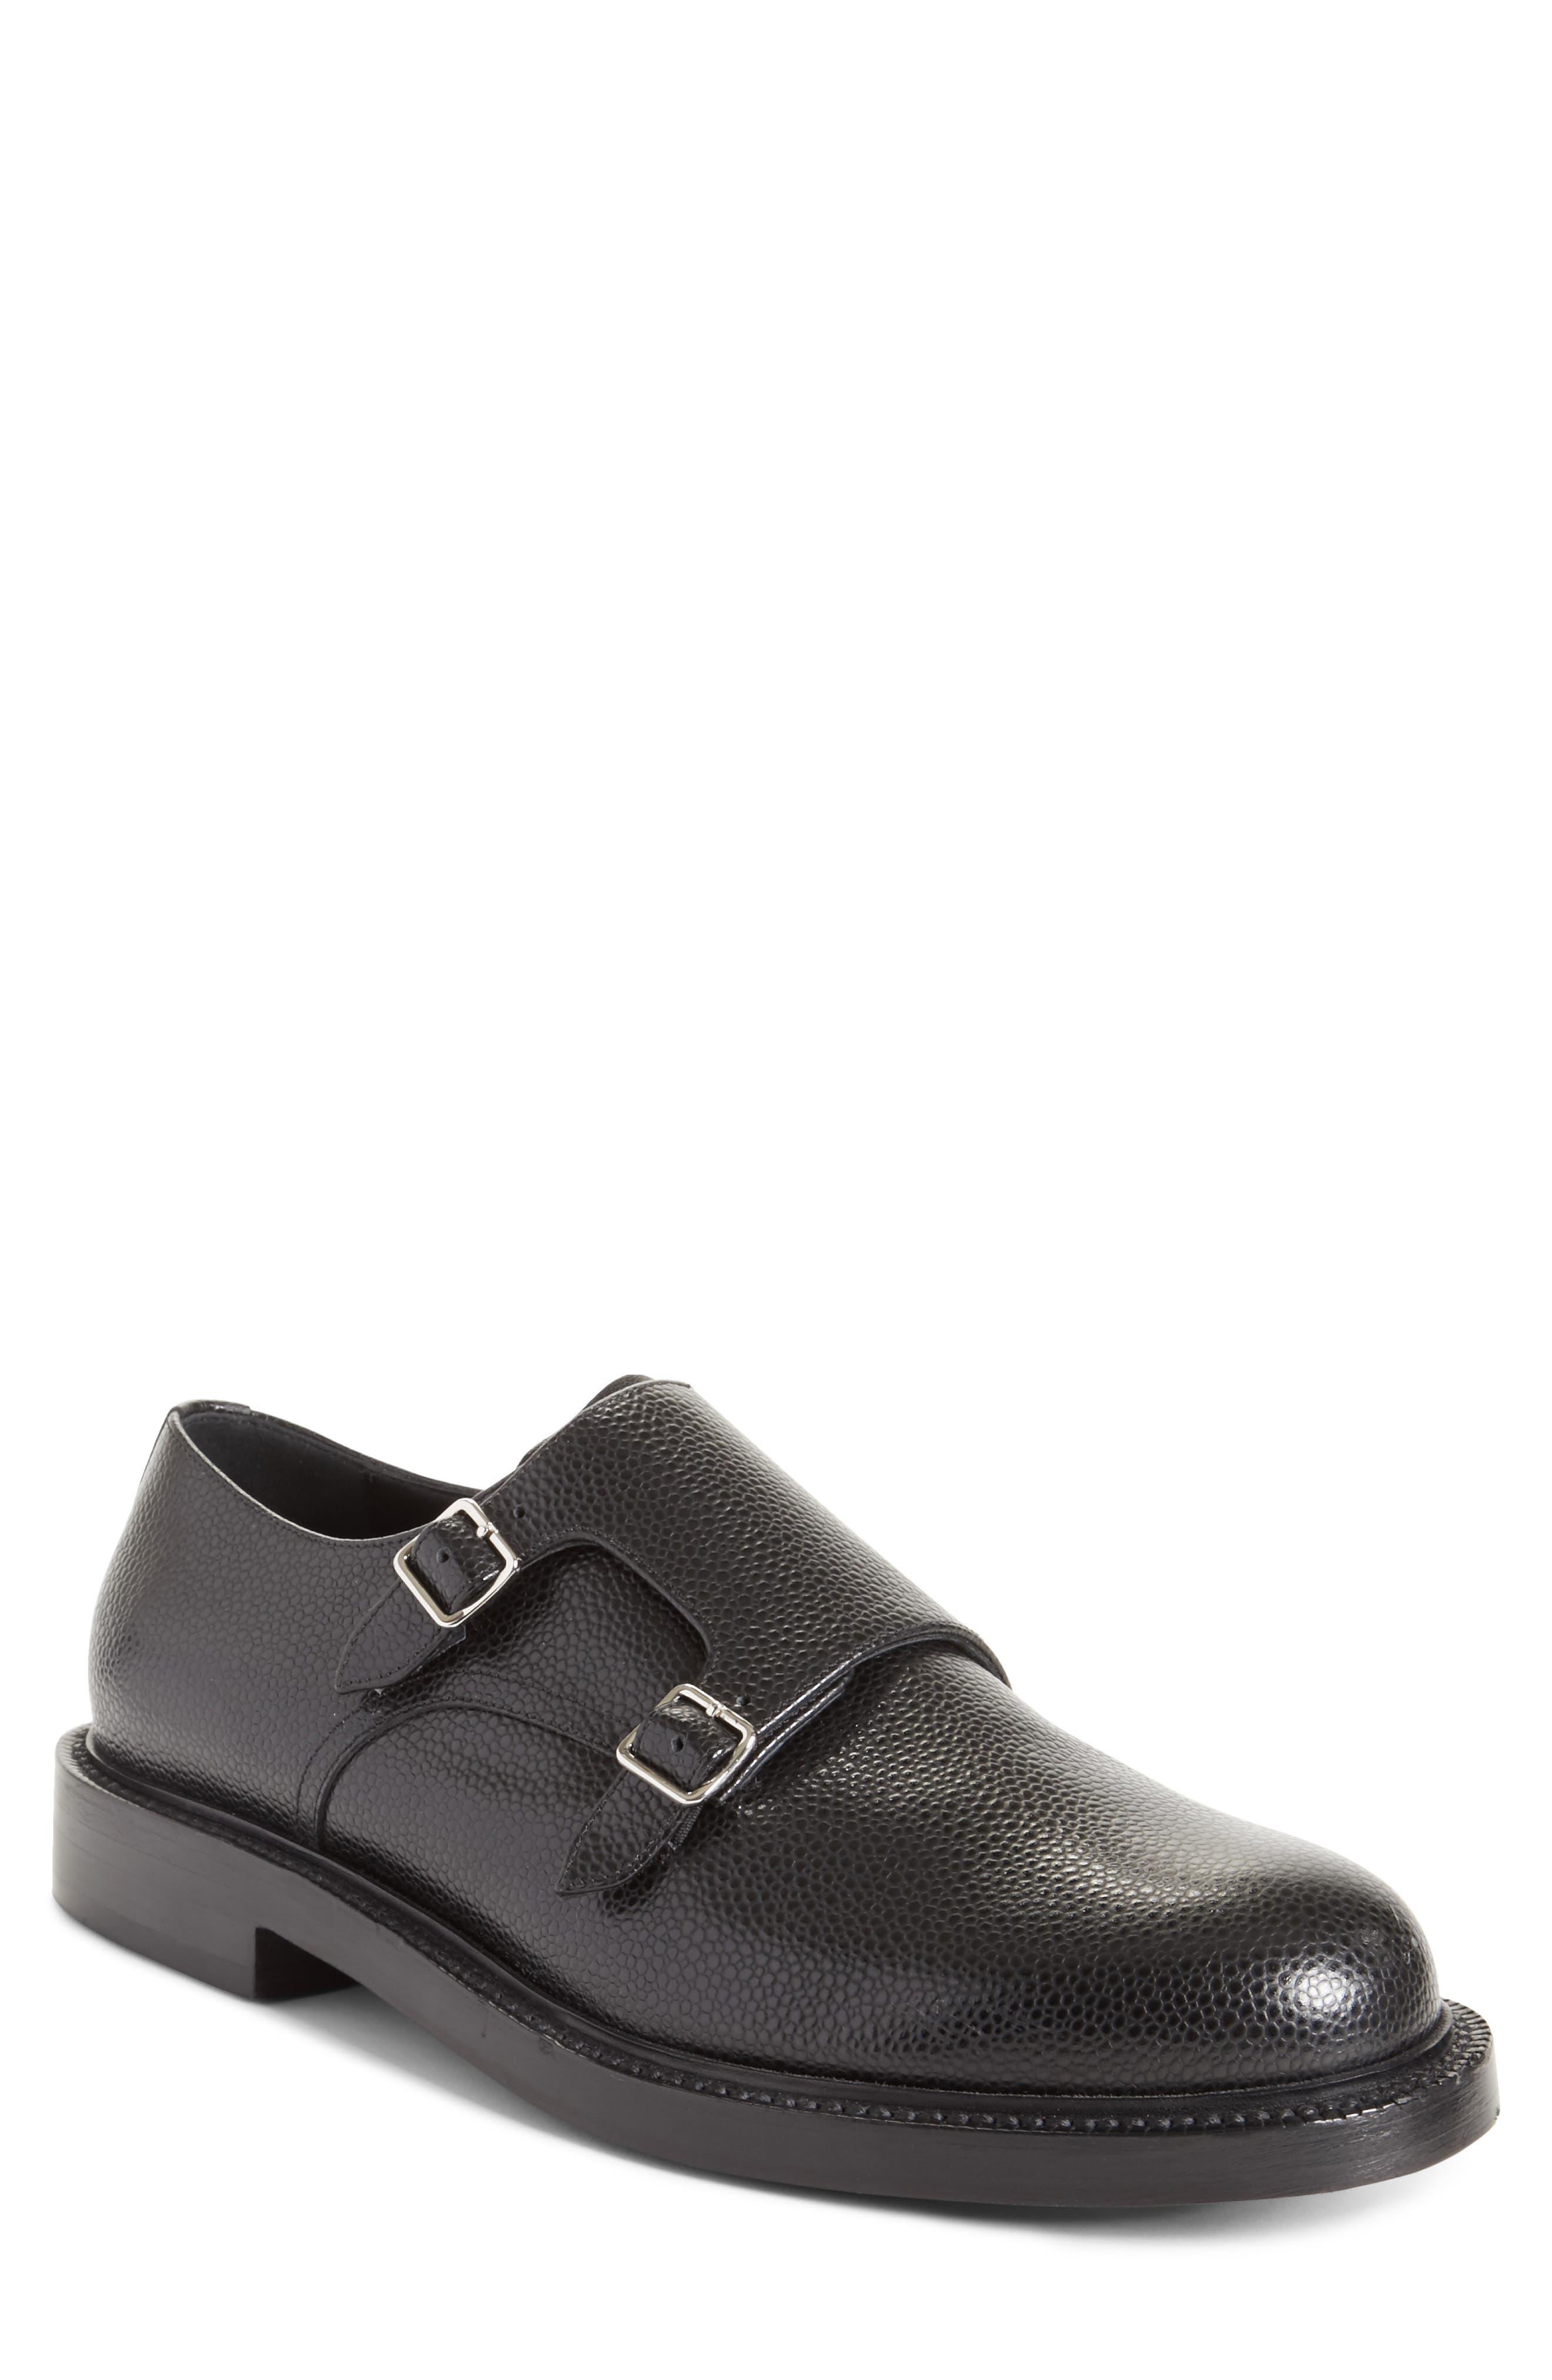 Hova Double Monk Strap Shoe,                         Main,                         color,